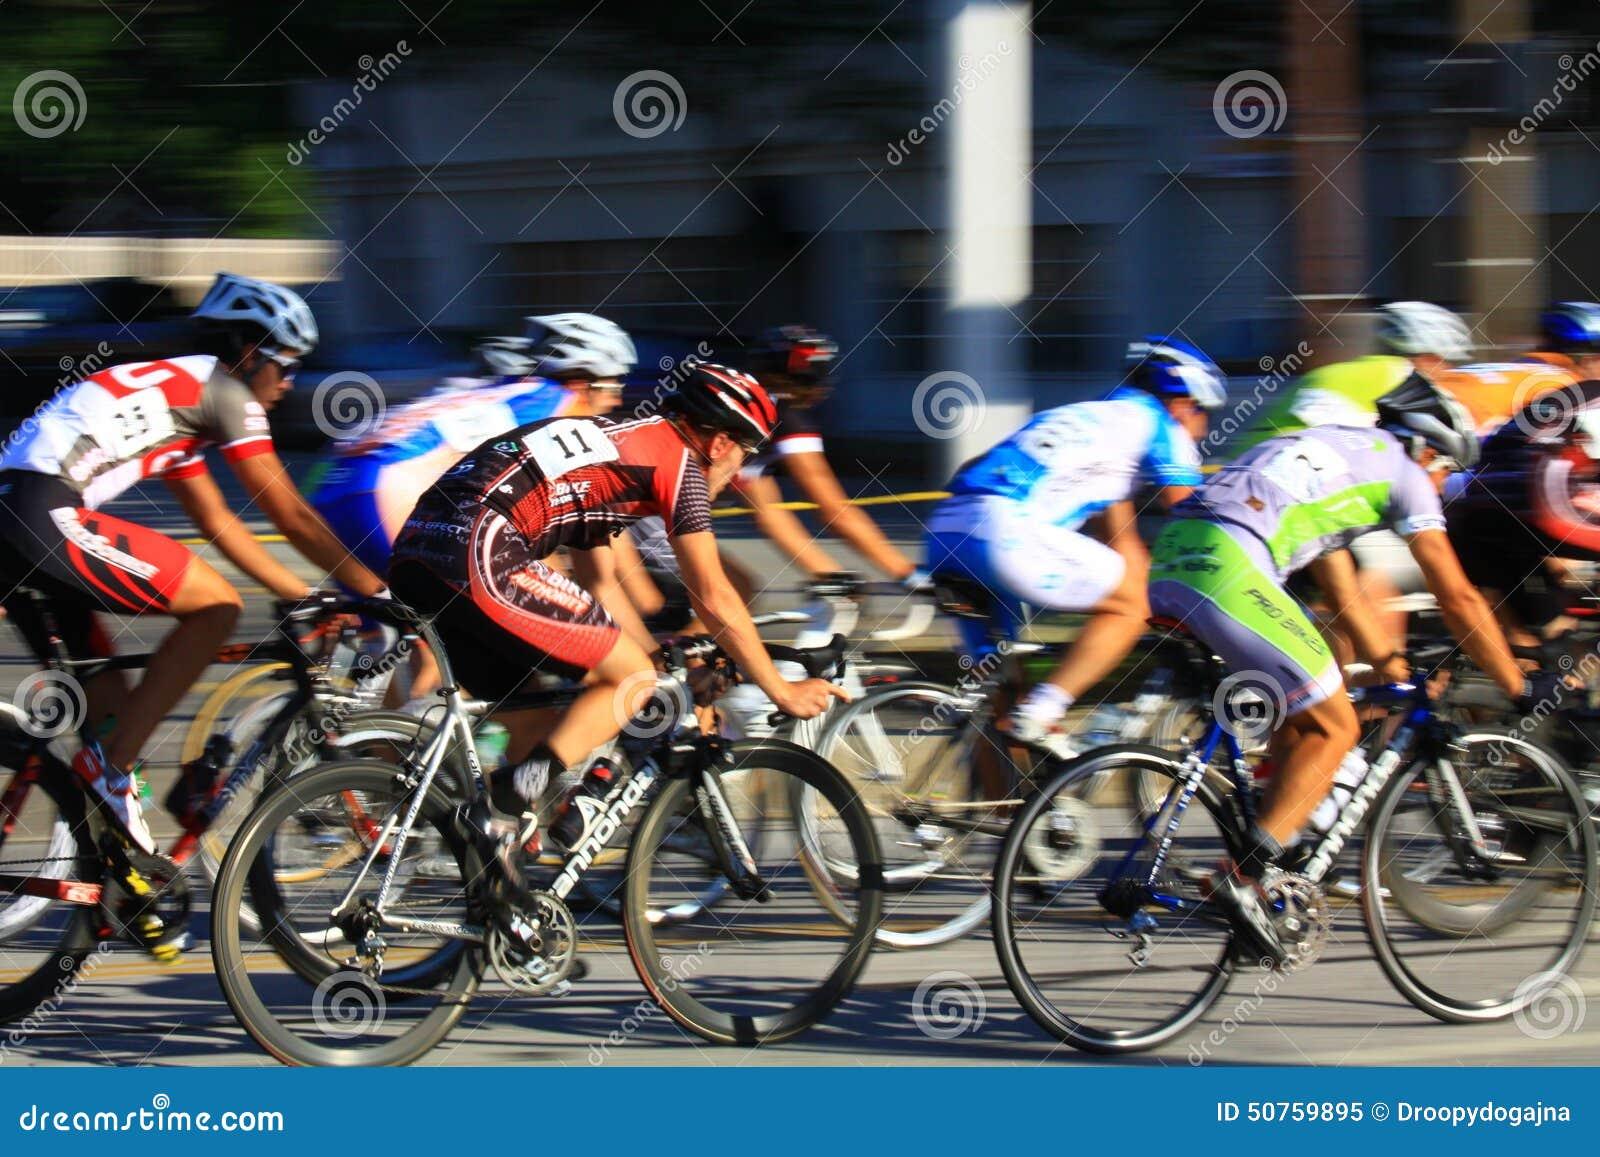 Speed race on bikes